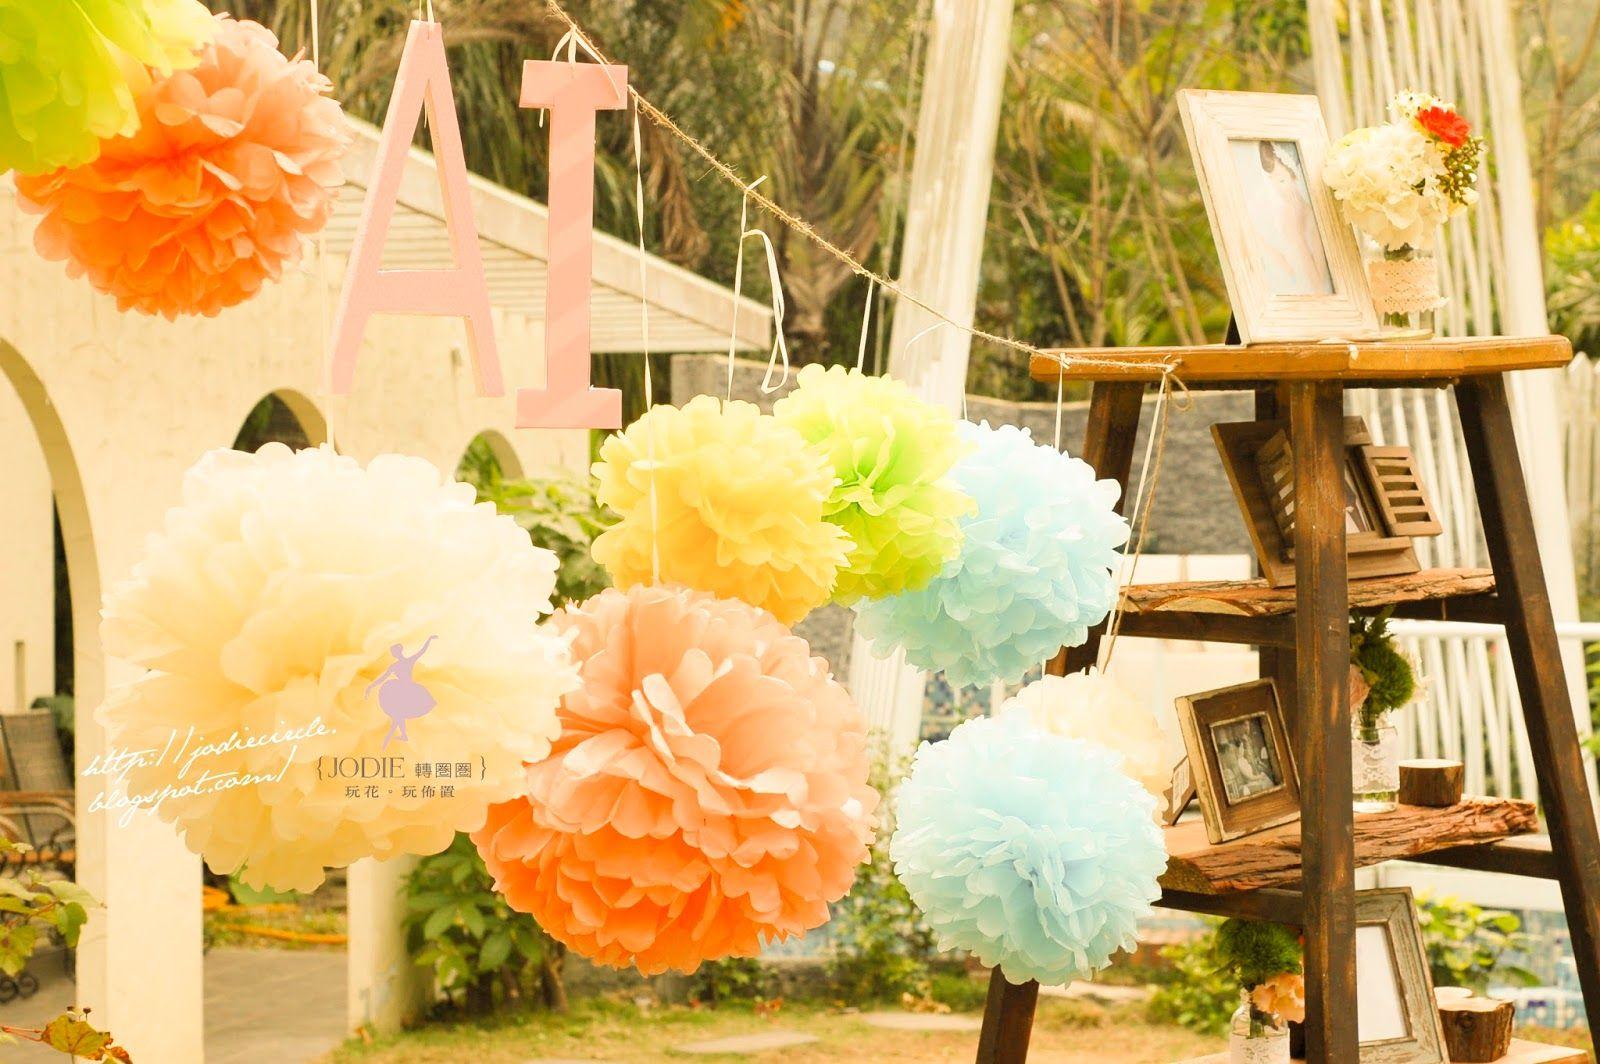 [2014.01.18。童話愛麗絲。婚禮佈置] | 轉圈圈,玩花玩佈置